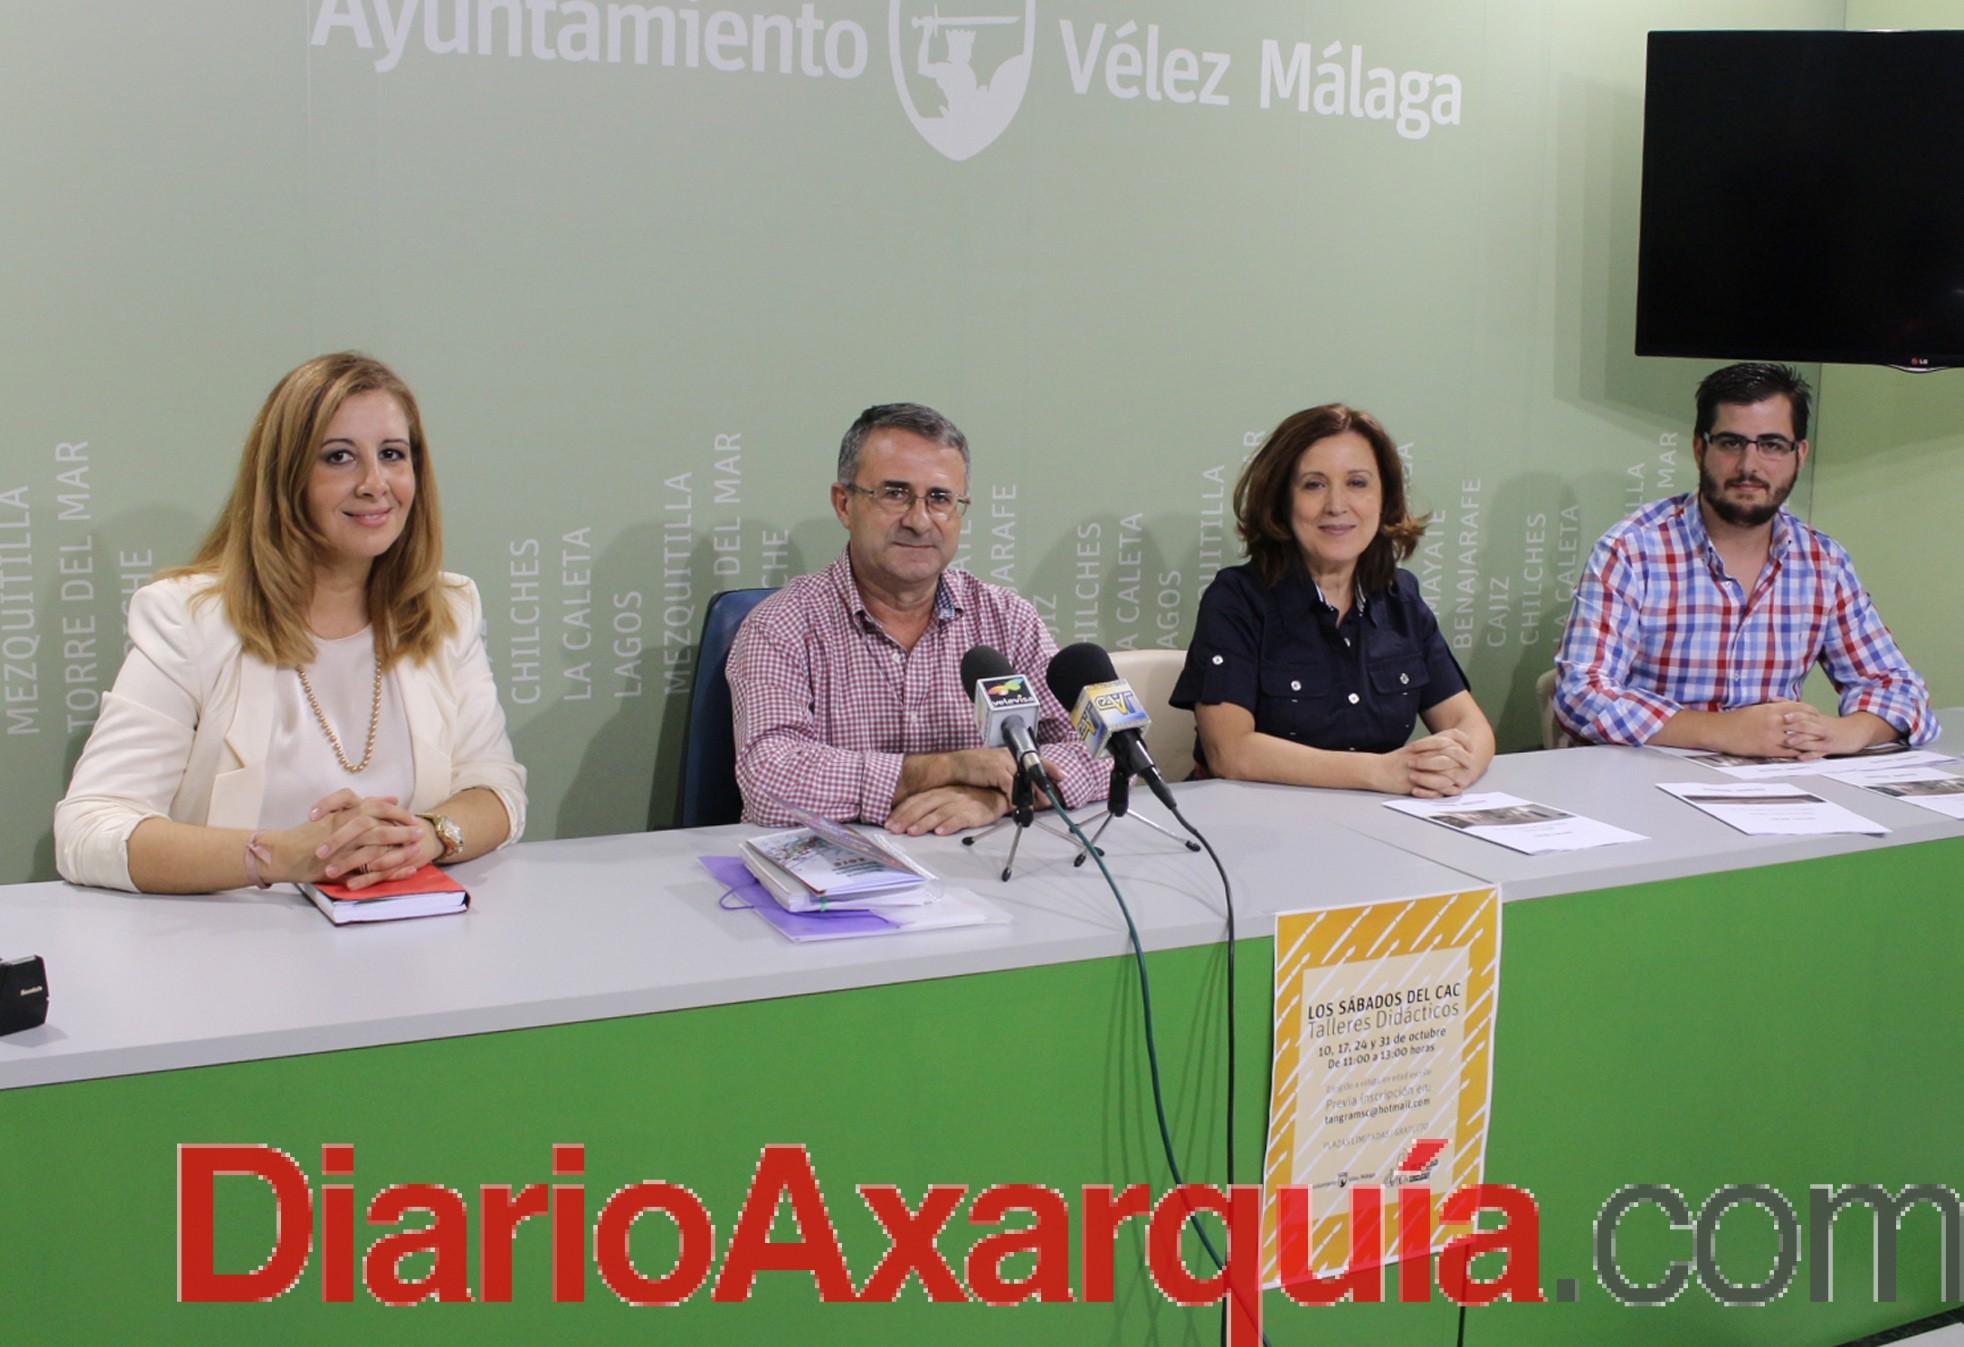 Las obras 'Piedras Preciosas' con Rafael Amargo, 'Taxi' con Josema Yuste y 'Lobas' con María Casal centran el programa cultural del trimestre en Vélez-Málaga